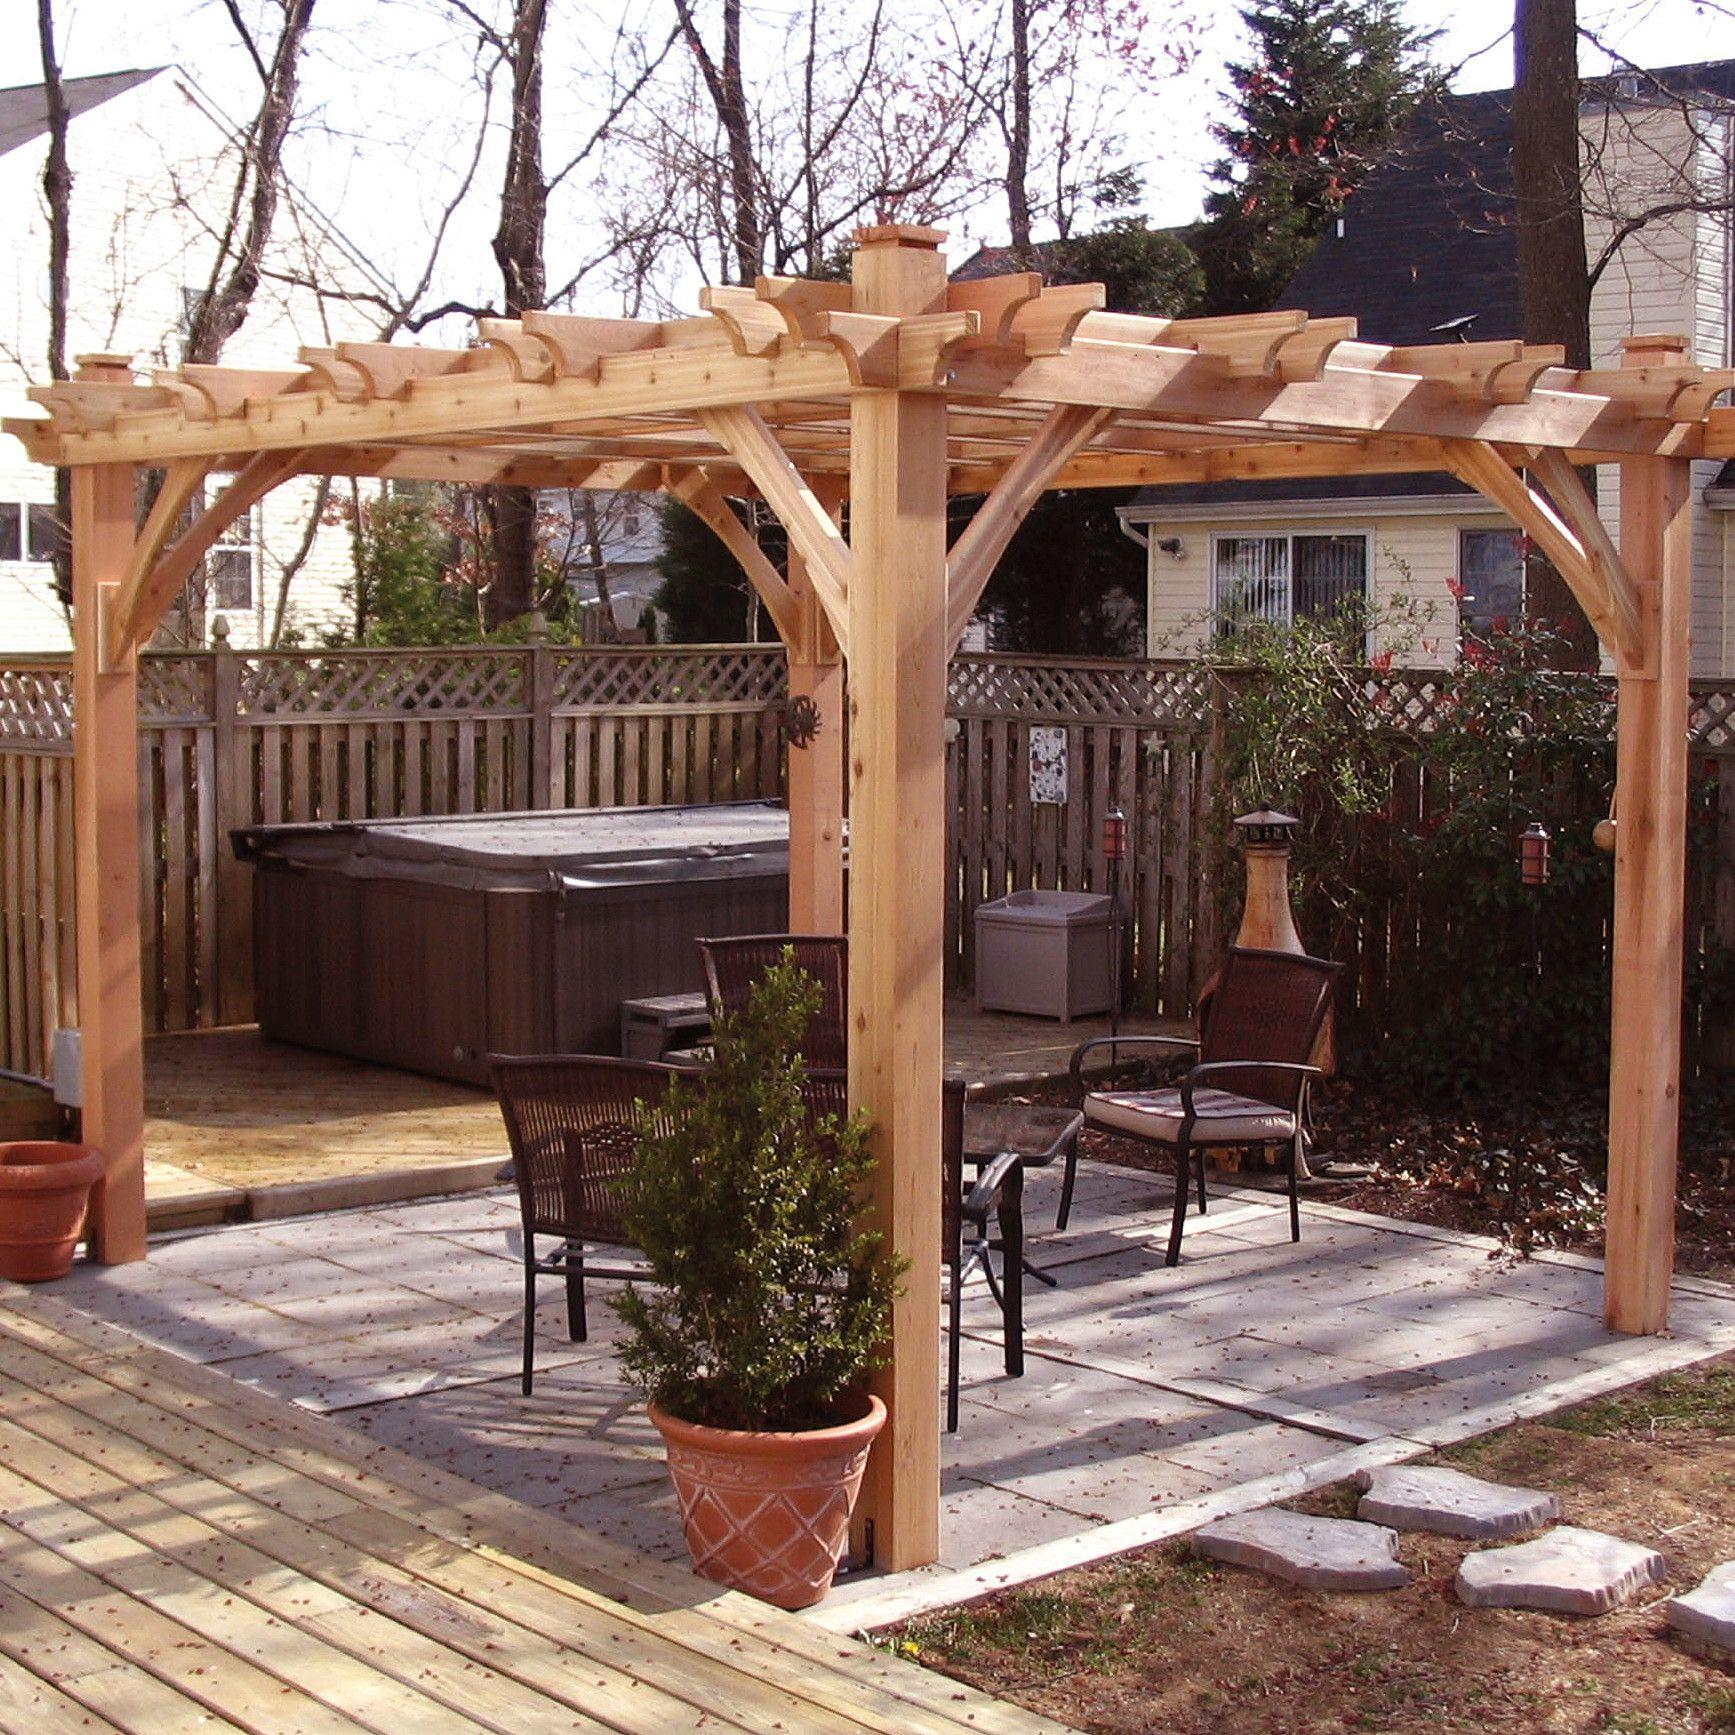 Breeze 8 Ft. W x 10 Ft. D Solid Wood Pergola Outdoor